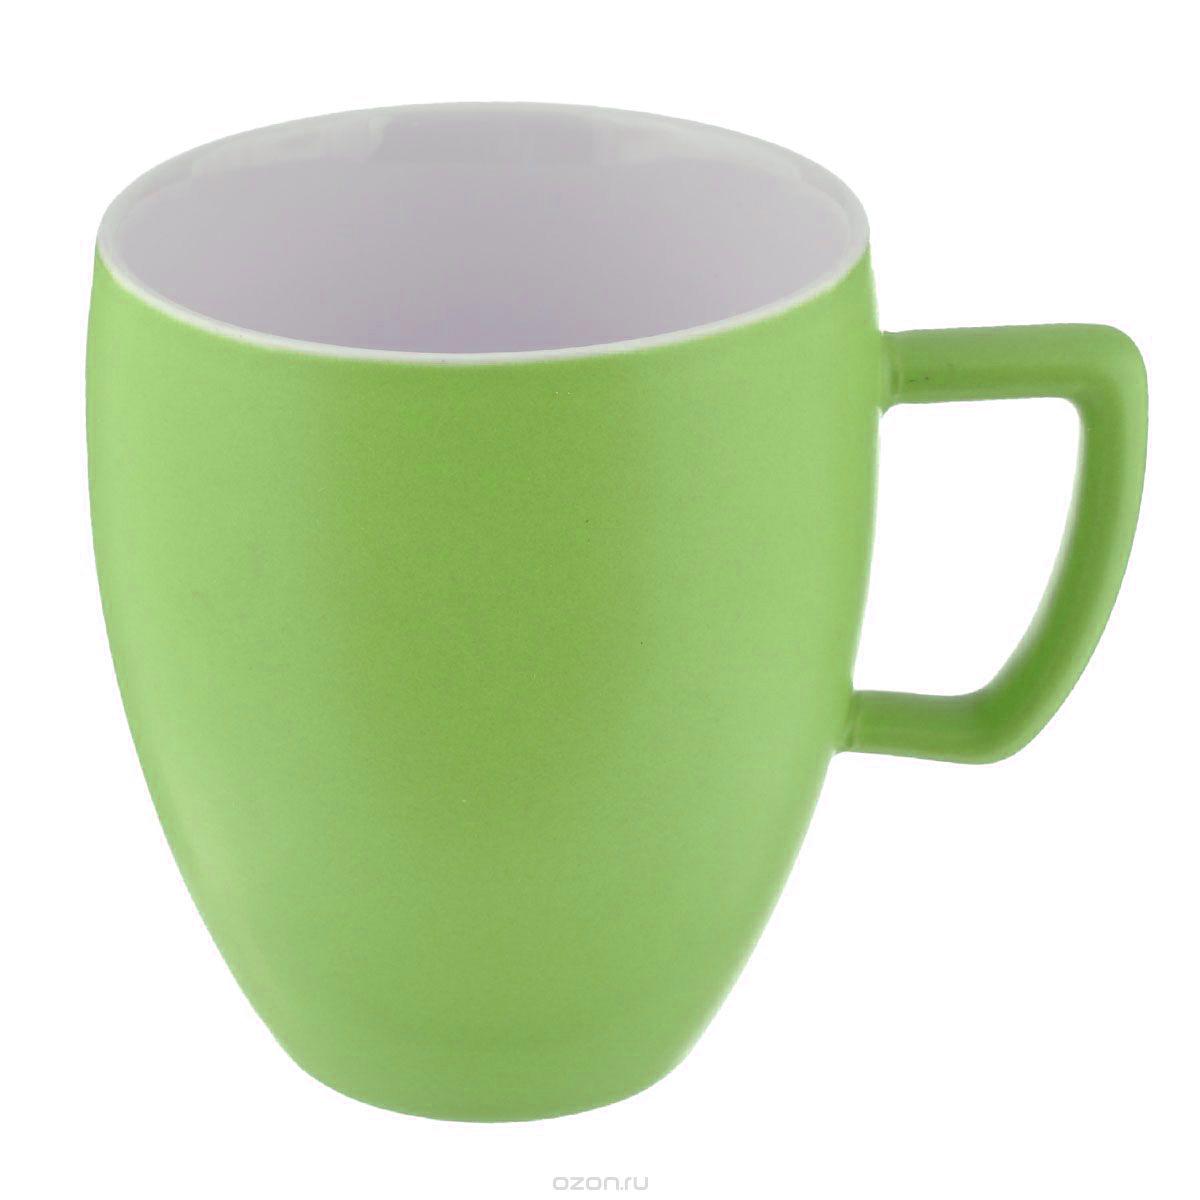 Кружка Tescoma Crema Tone, цвет: светло-зеленый, 300 мл387146_светло-зеленыйКружка Tescoma Crema Tone, изготовленная из высококачественного фарфора, прекрасно дополнит интерьер вашей кухни. Изящный дизайн кружки придется по вкусу и ценителям классики, и тем, кто предпочитает утонченность и изысканность. Кружка Tescoma Crema Tone станет хорошим подарком к любому празднику. Диаметр (по верхнему краю): 8 см.Высота: 10 см.